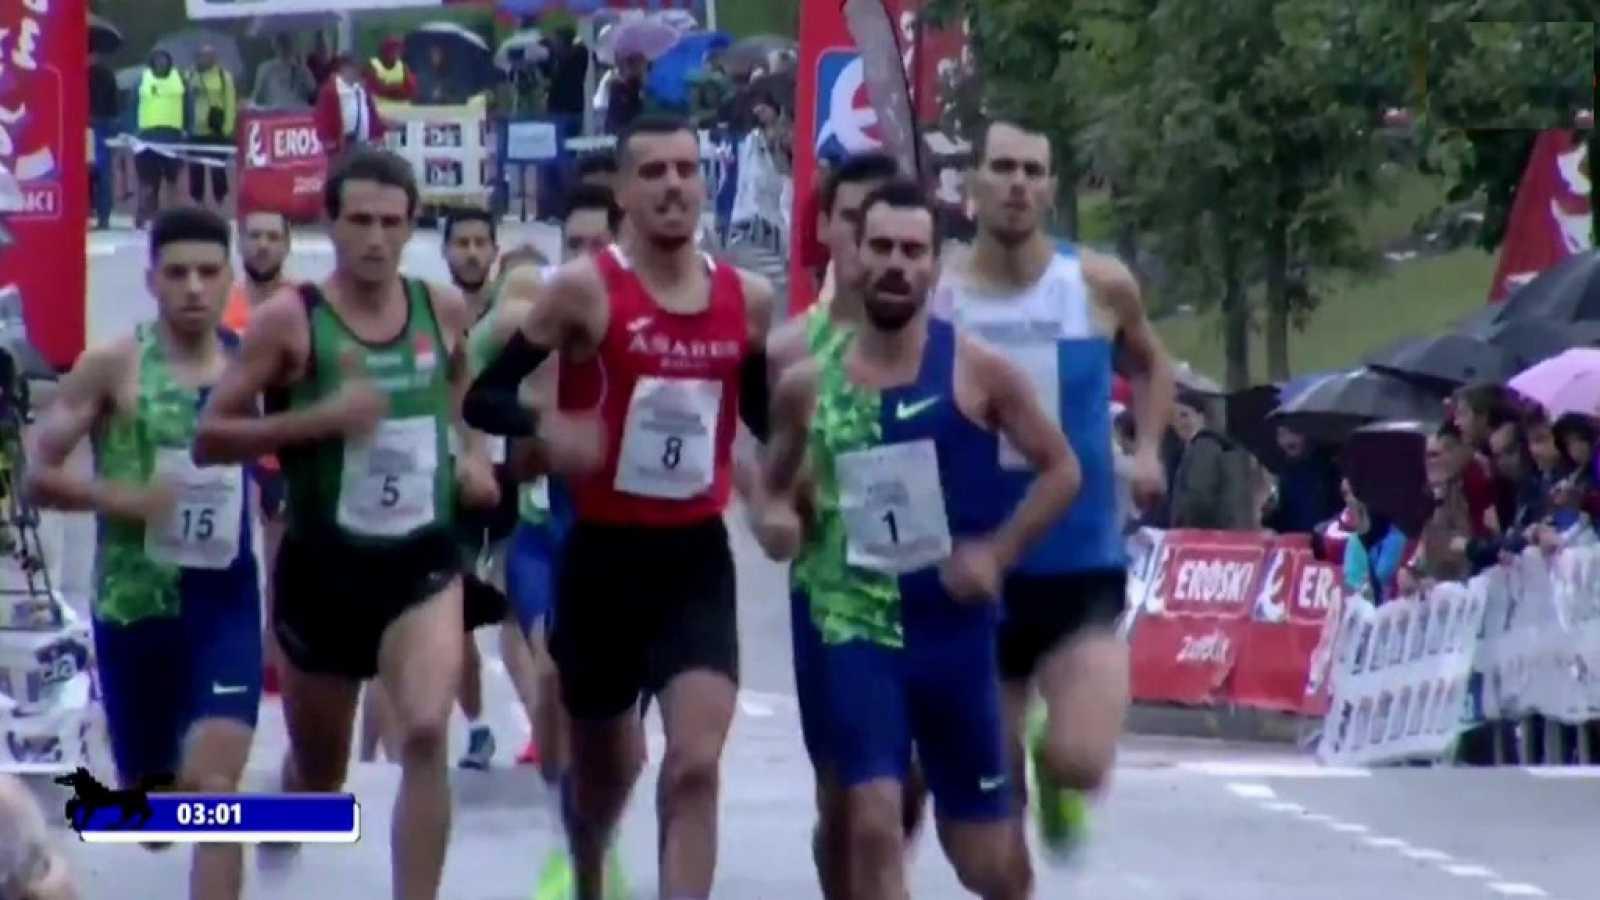 Atletismo - Milla internacional de Berango 2019 - ver ahora